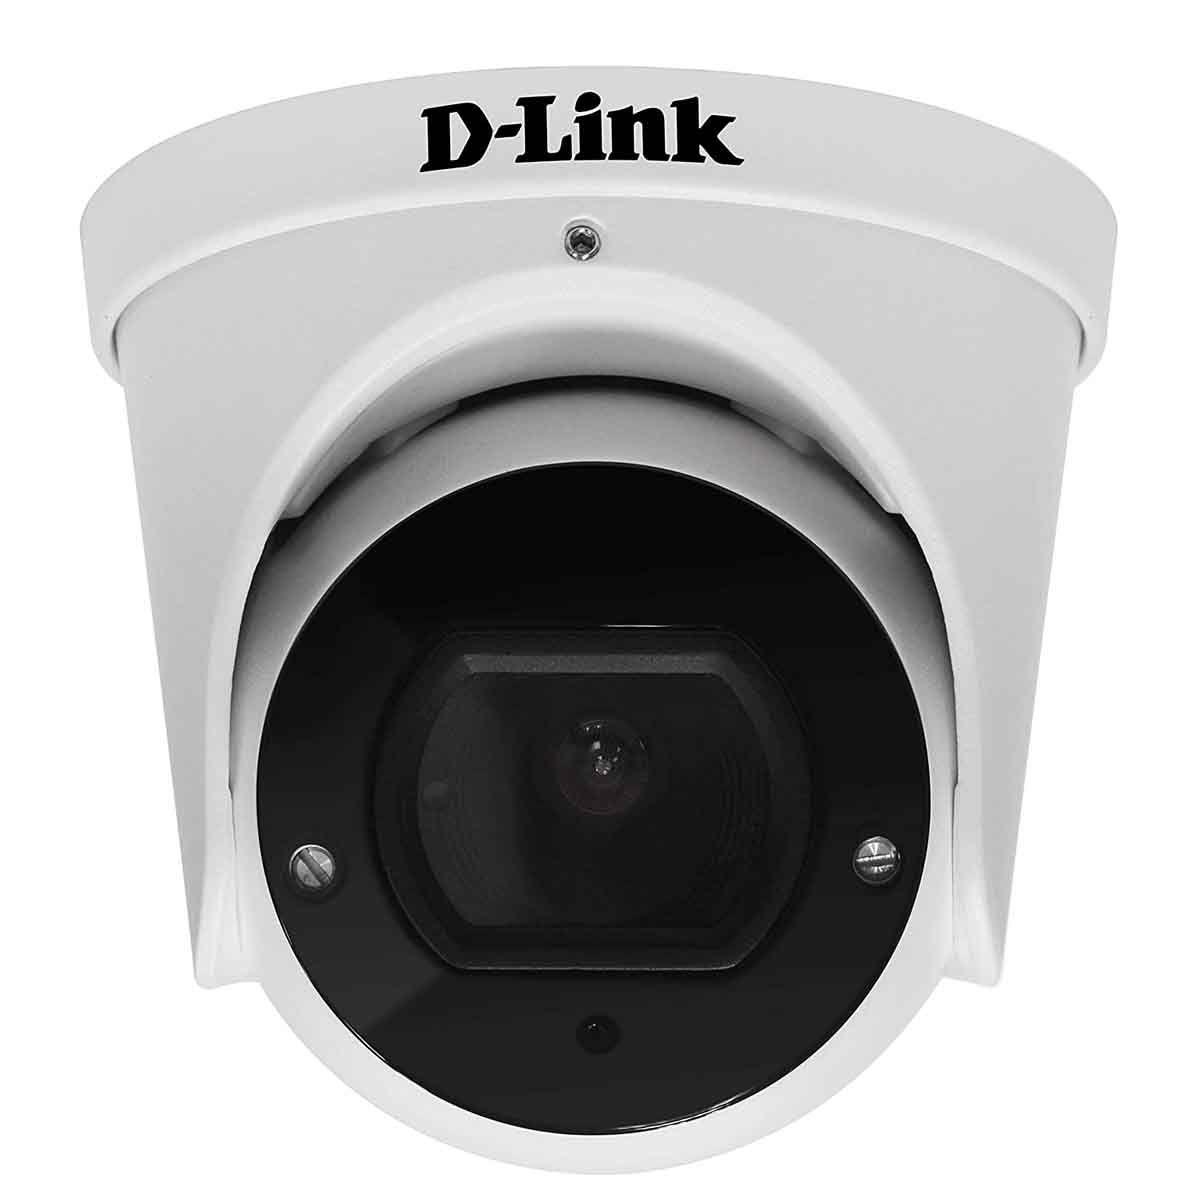 डी-लिंक 2 एमपी Full HD Dome कैमरा